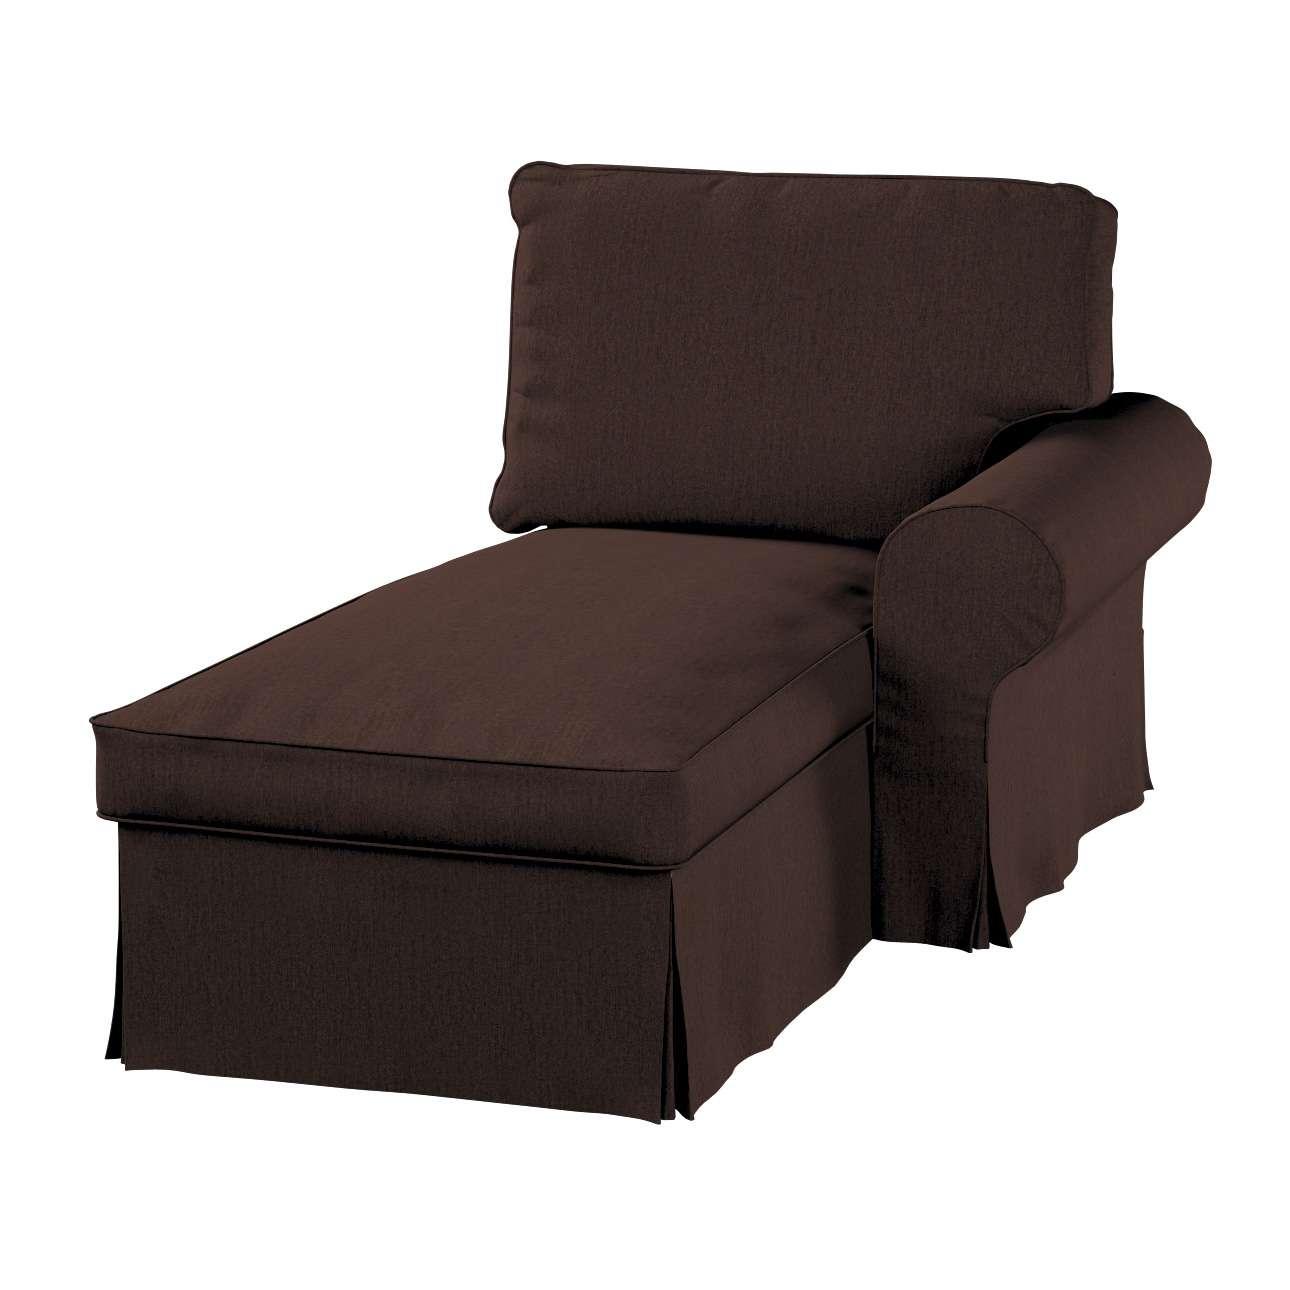 Ektorp gulimajo krėslo užvalkalas  (su porankiu, dešiniojo) Ektorp gulimojo krėslo užvalkalas su porankiu (dešiniojo) kolekcijoje Chenille, audinys: 702-18